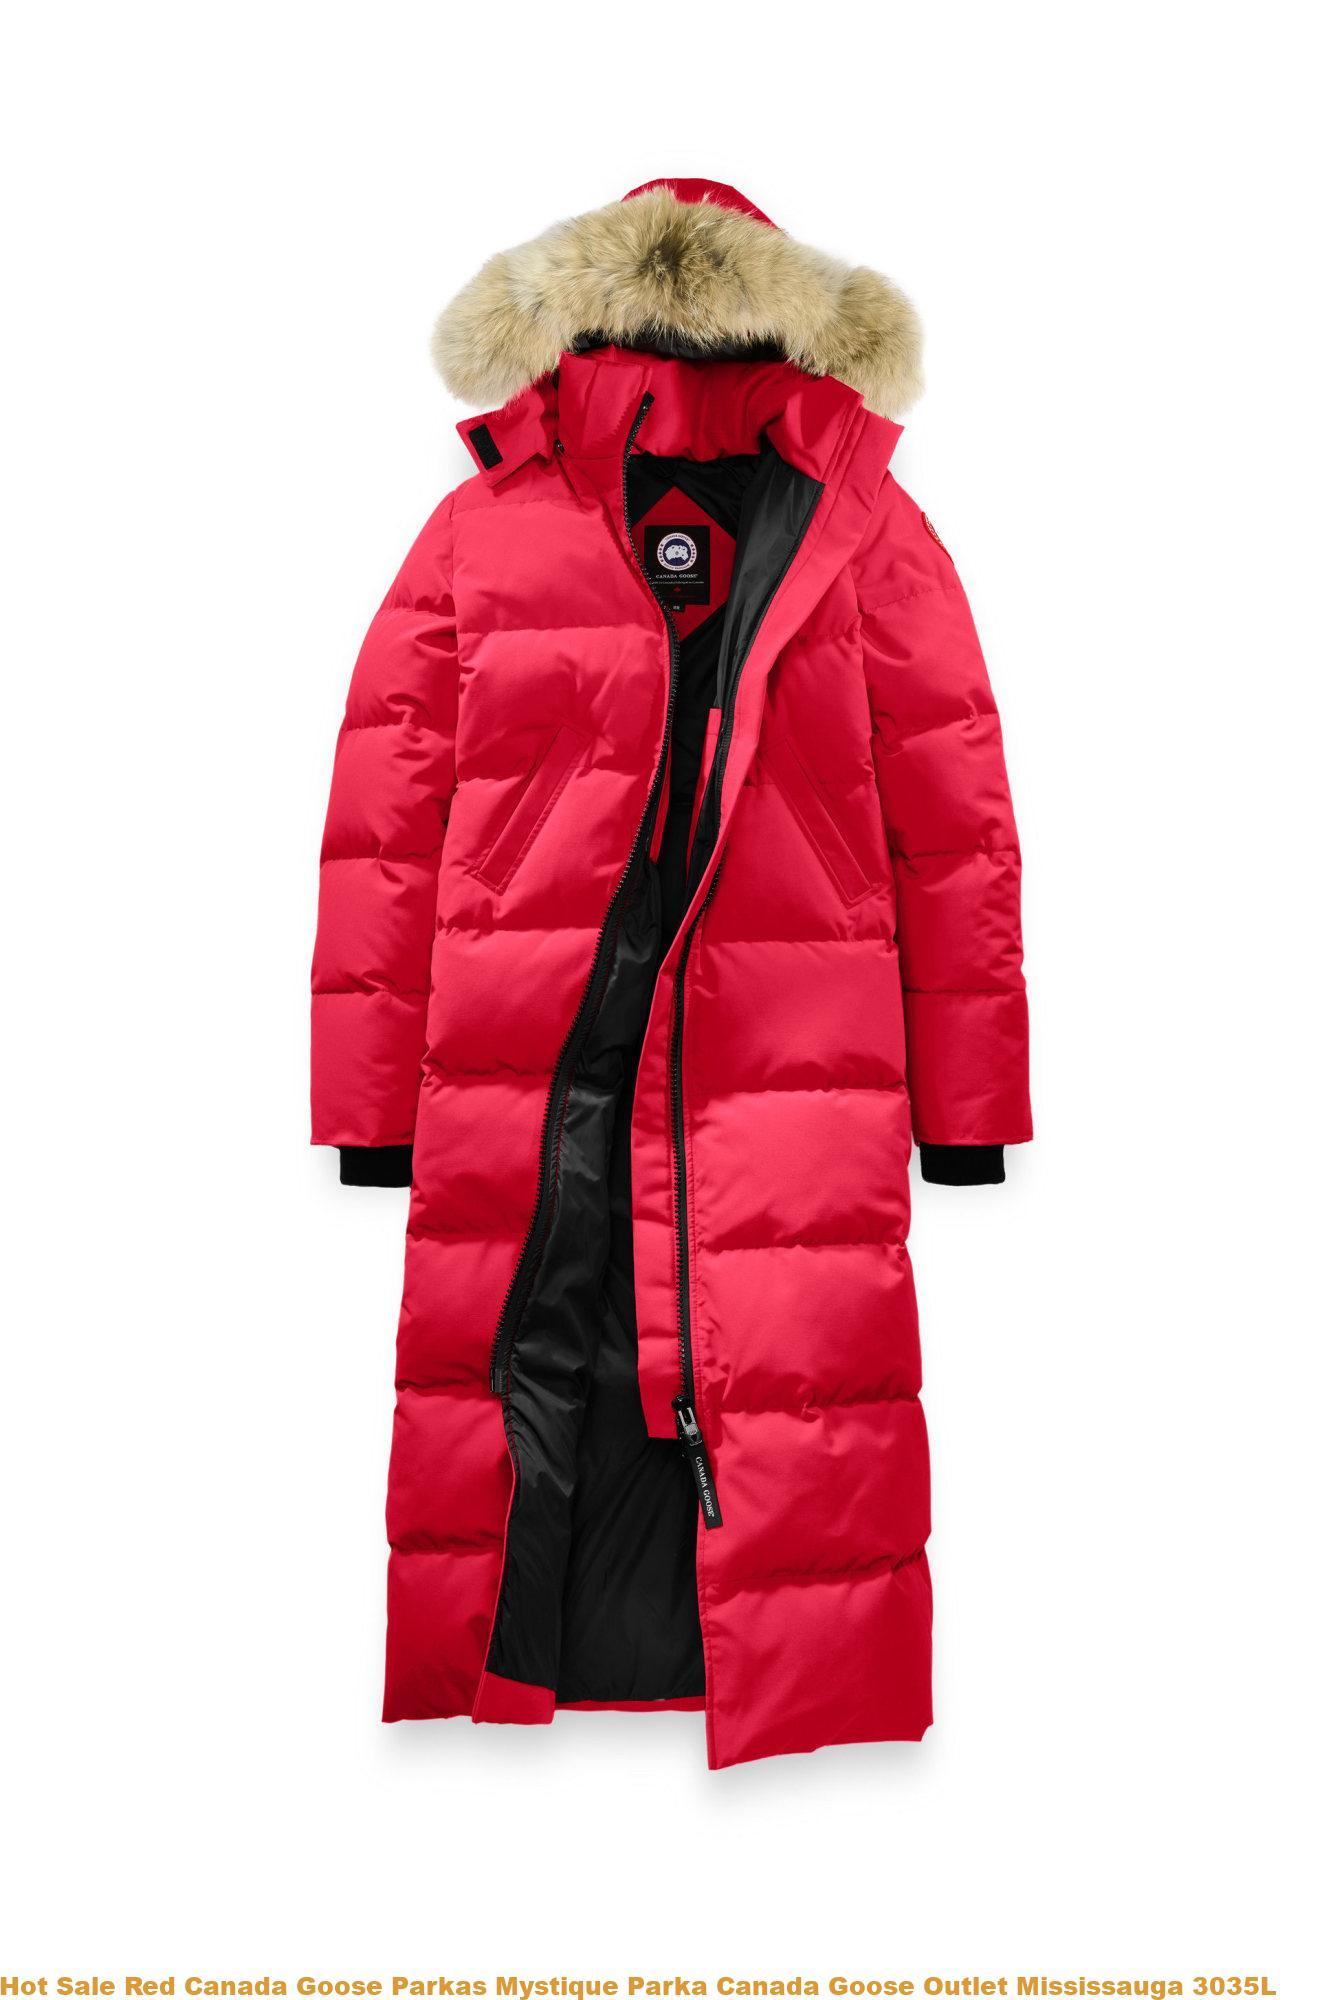 07e5af65fbd Hot Sale Red Canada Goose Parkas Mystique Parka Canada Goose Outlet  Mississauga 3035L